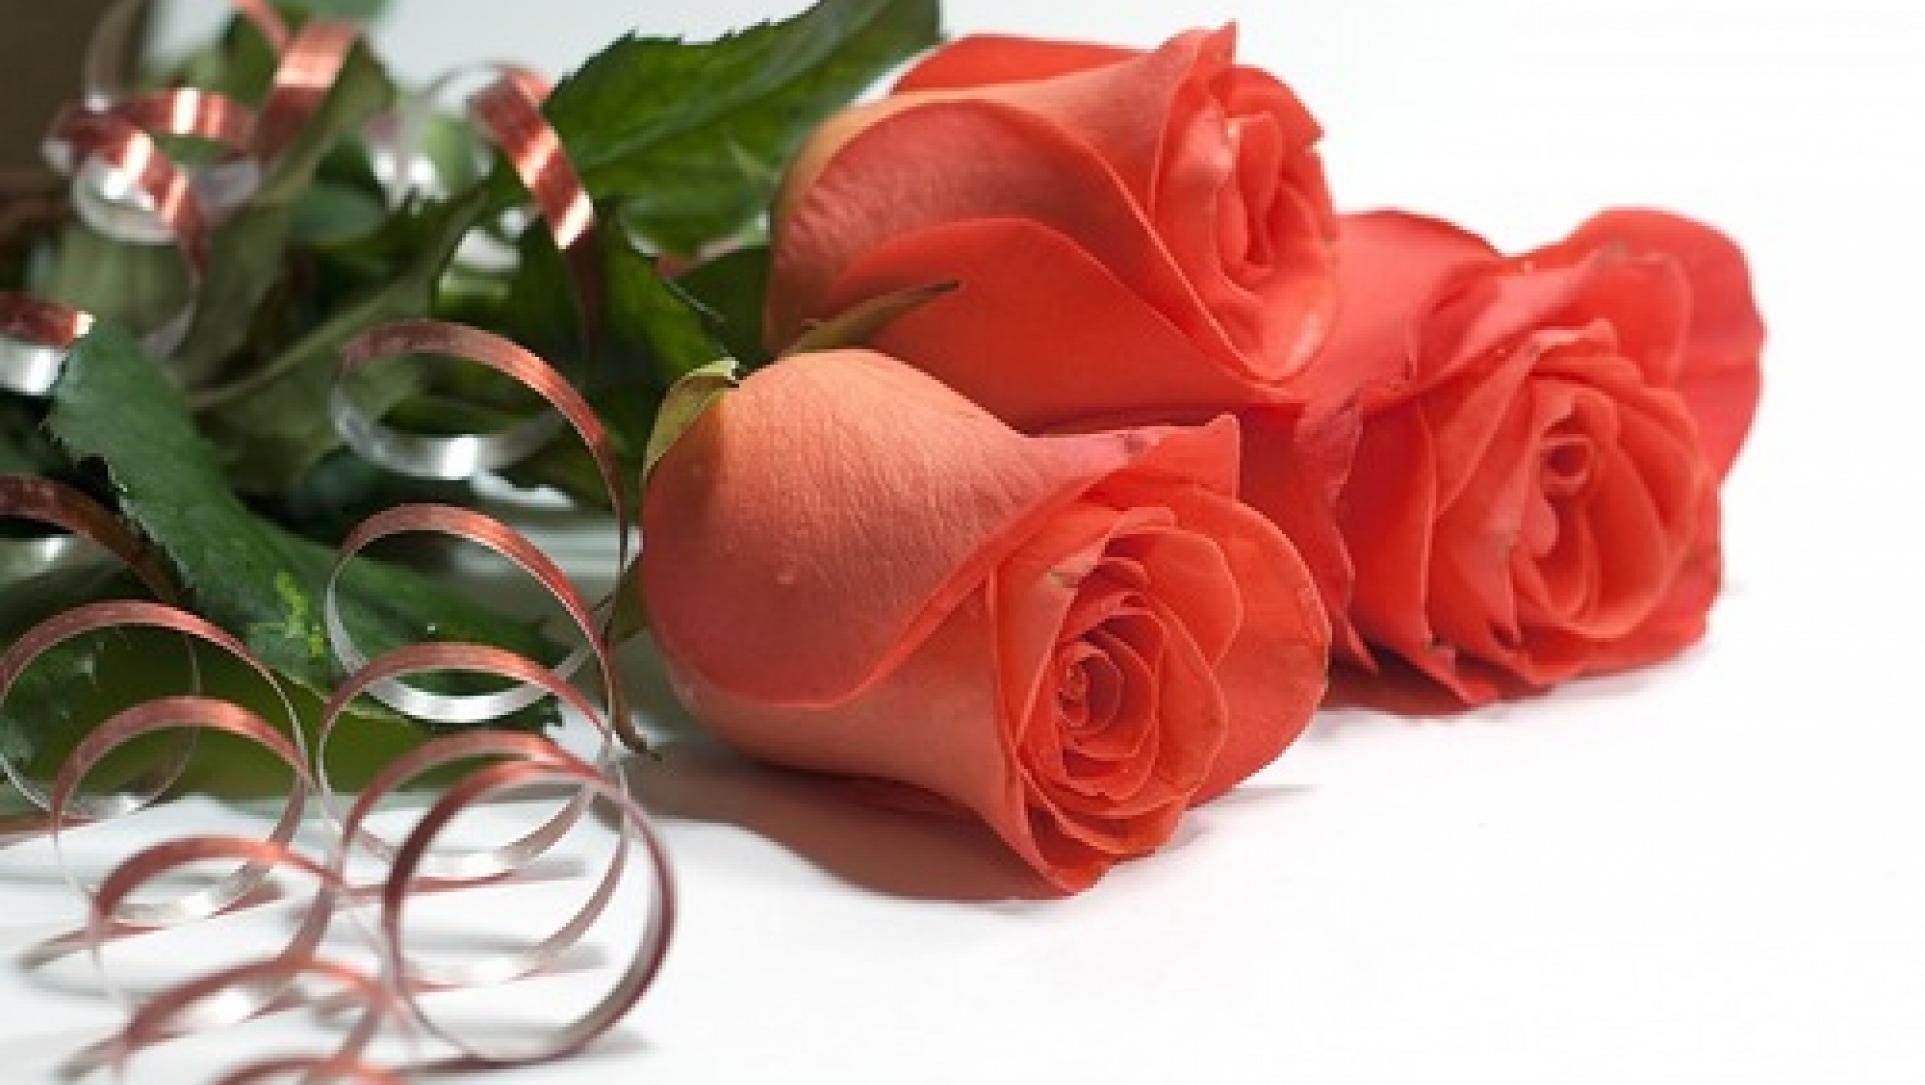 накрутить открытки с надписью роза с днем рождения качестве элемента декора